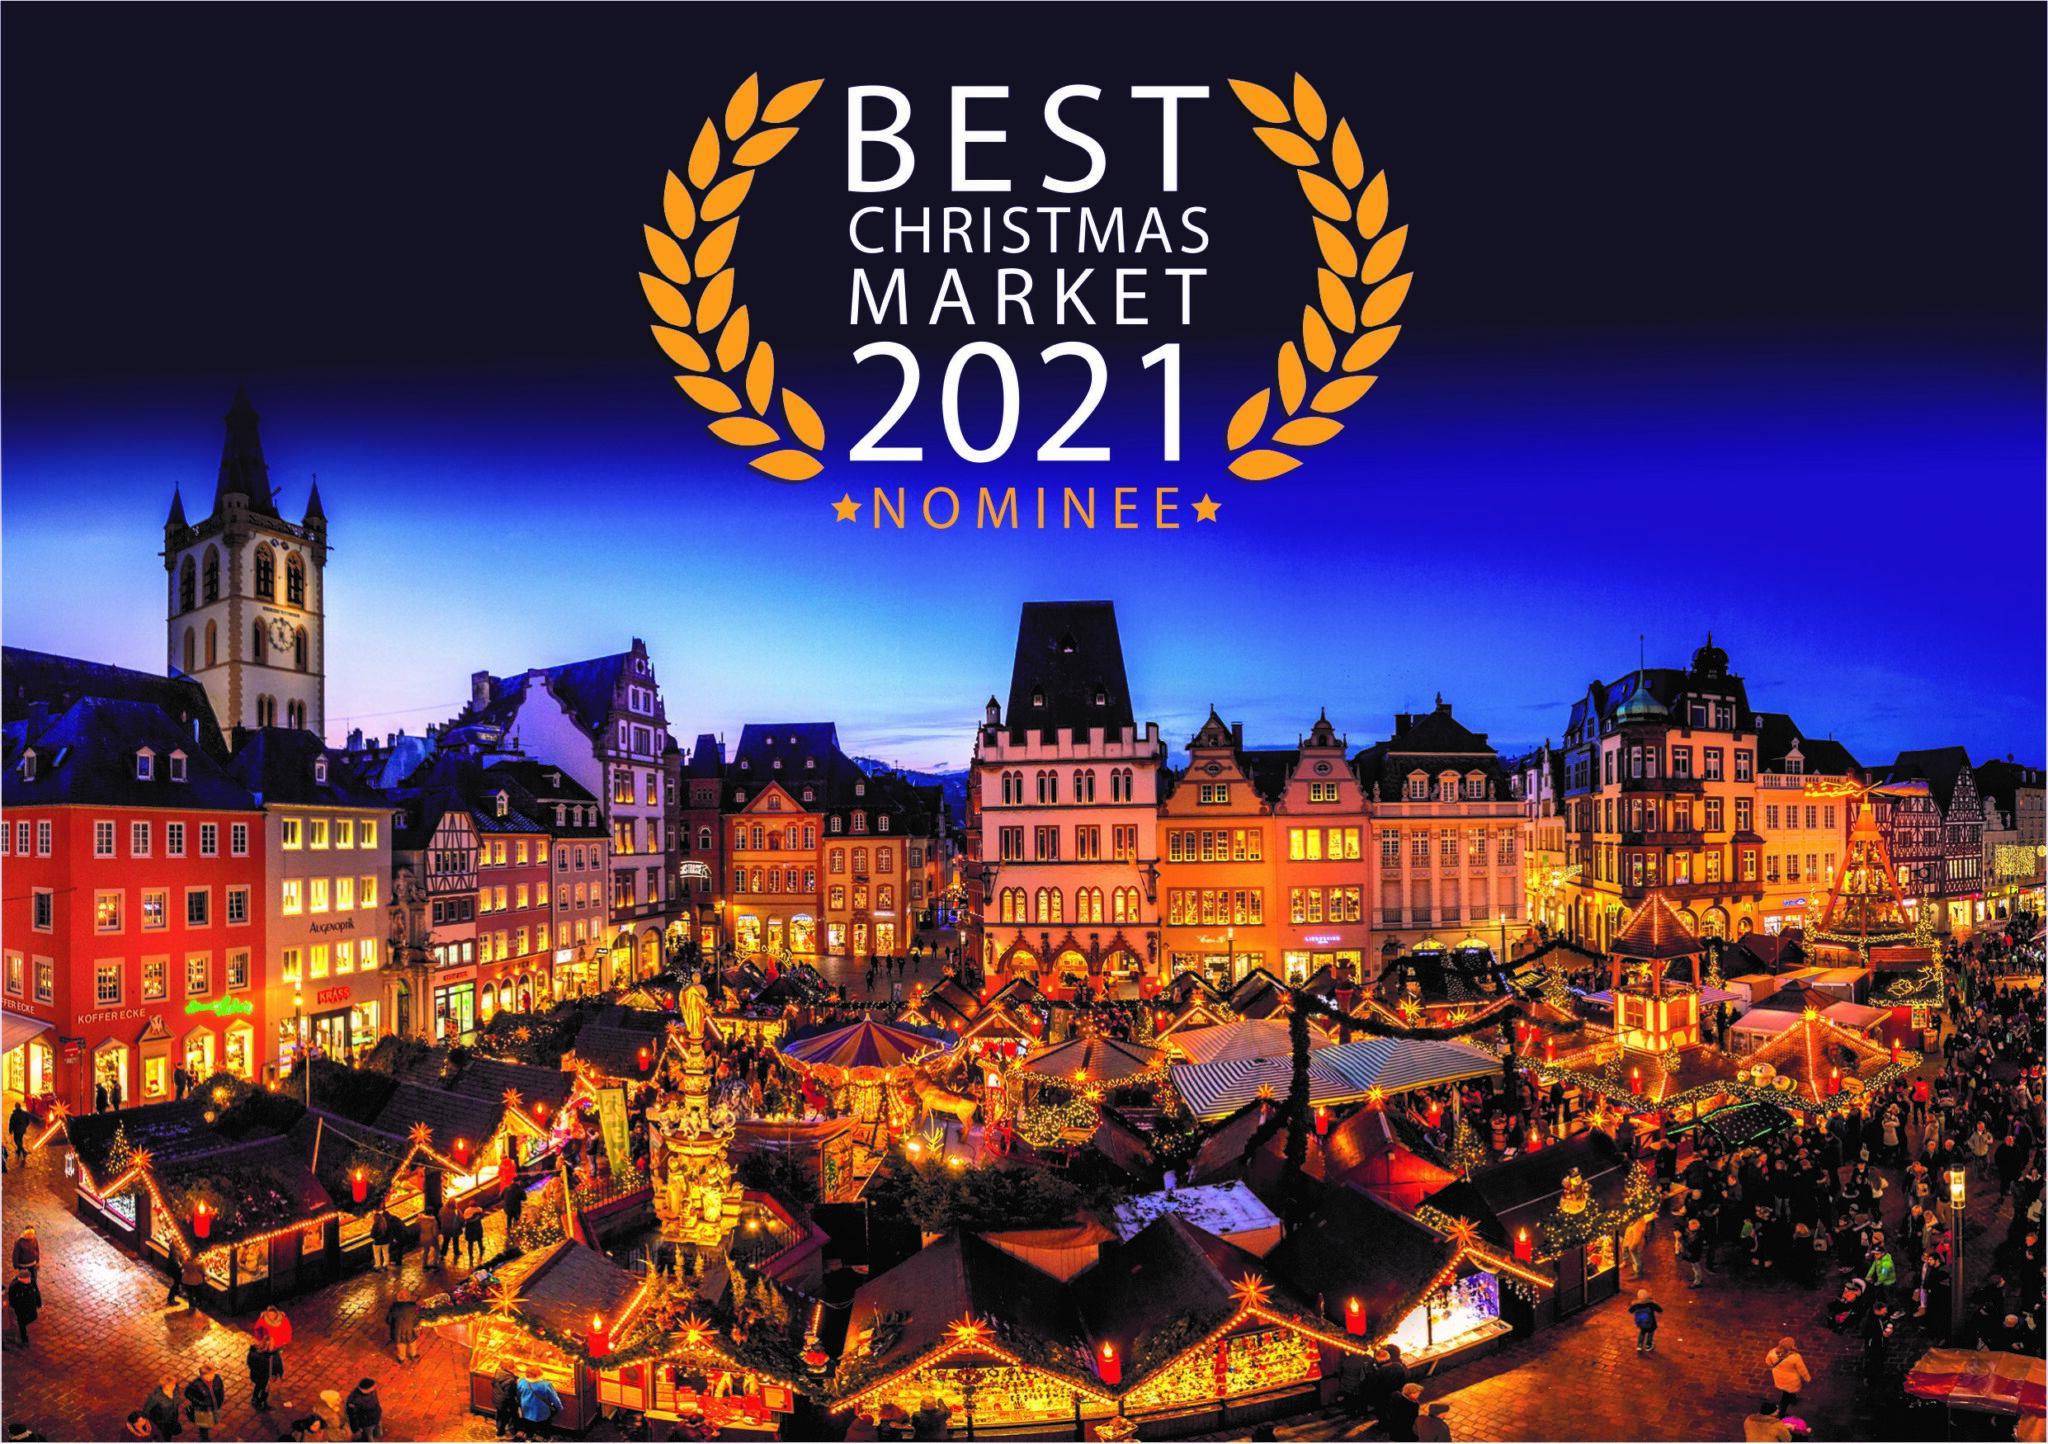 Weihnachtsmarkt Ludwigslust 2021